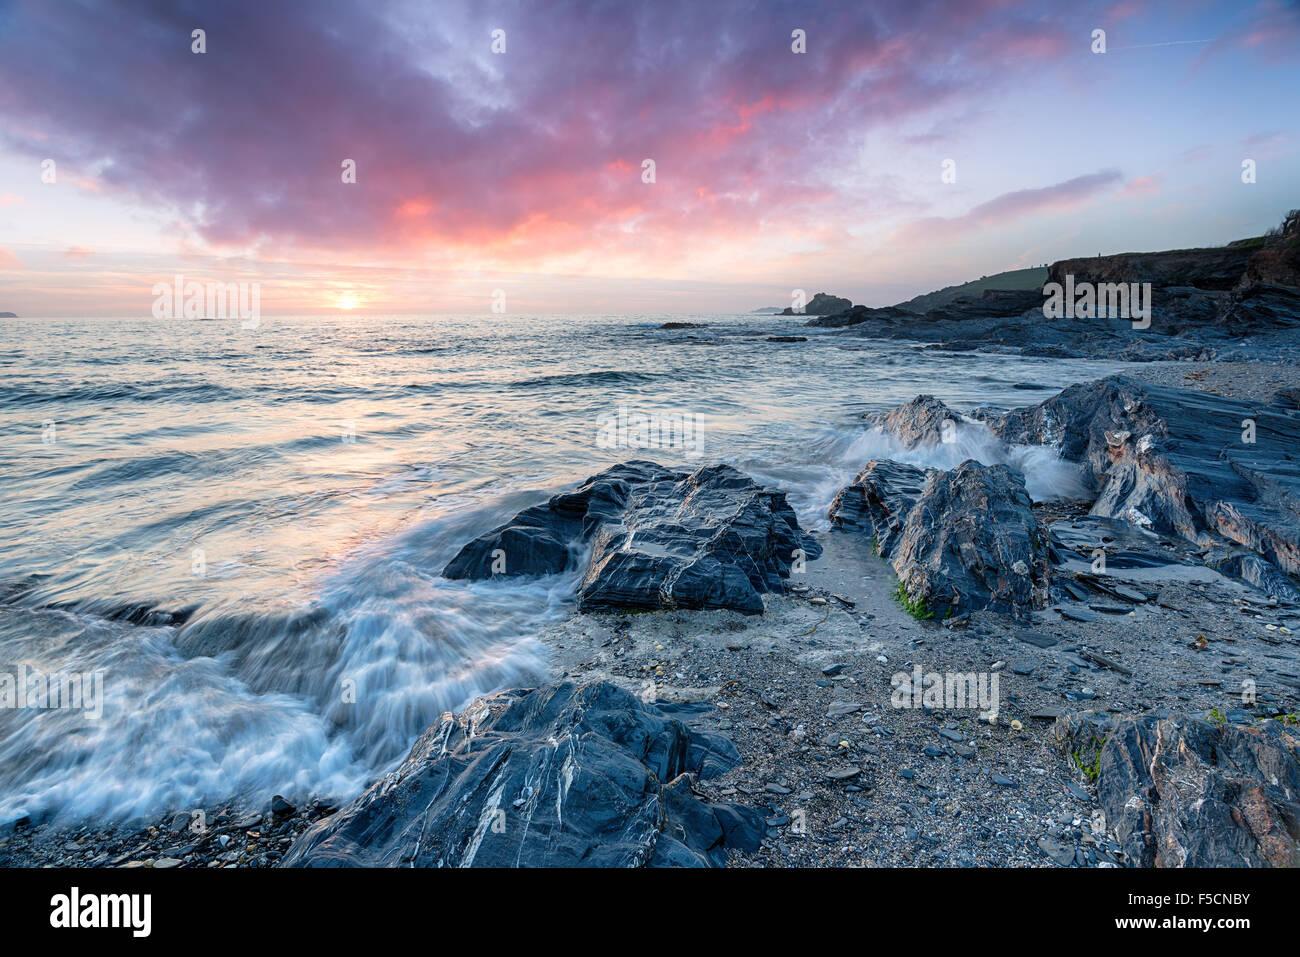 Magnifique coucher de soleil sur la plage de rochers à Trevone Bay à Cornwall Padstow Photo Stock